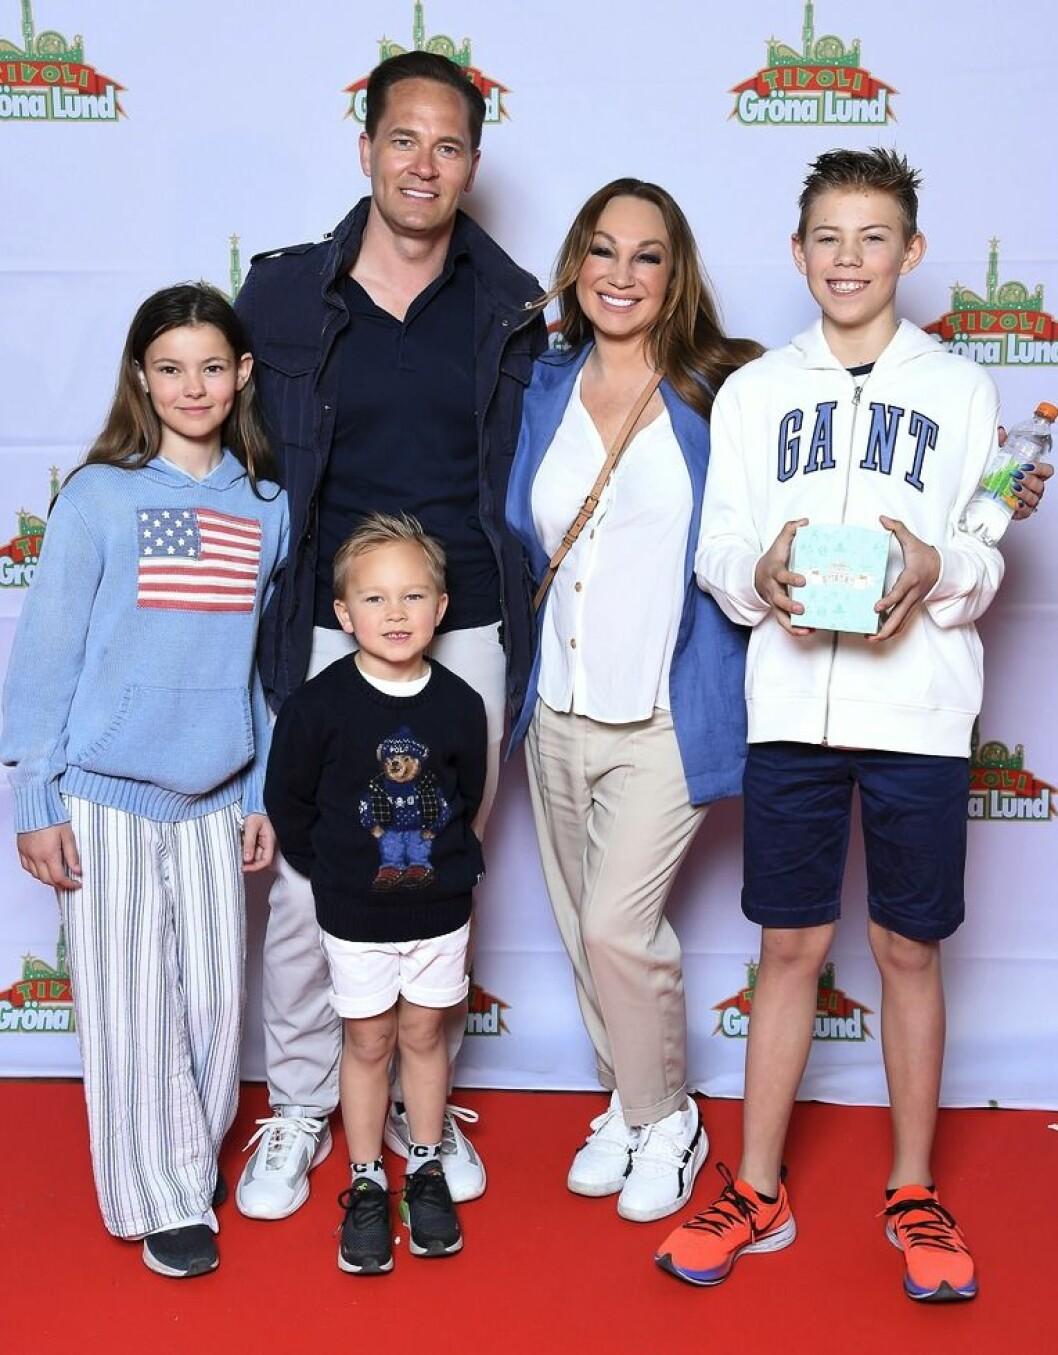 Charlotte Perrelli och Anders Jensen med barnen Adrian, Alessio och Izabella. FOTO: Karin Törnblom/TT